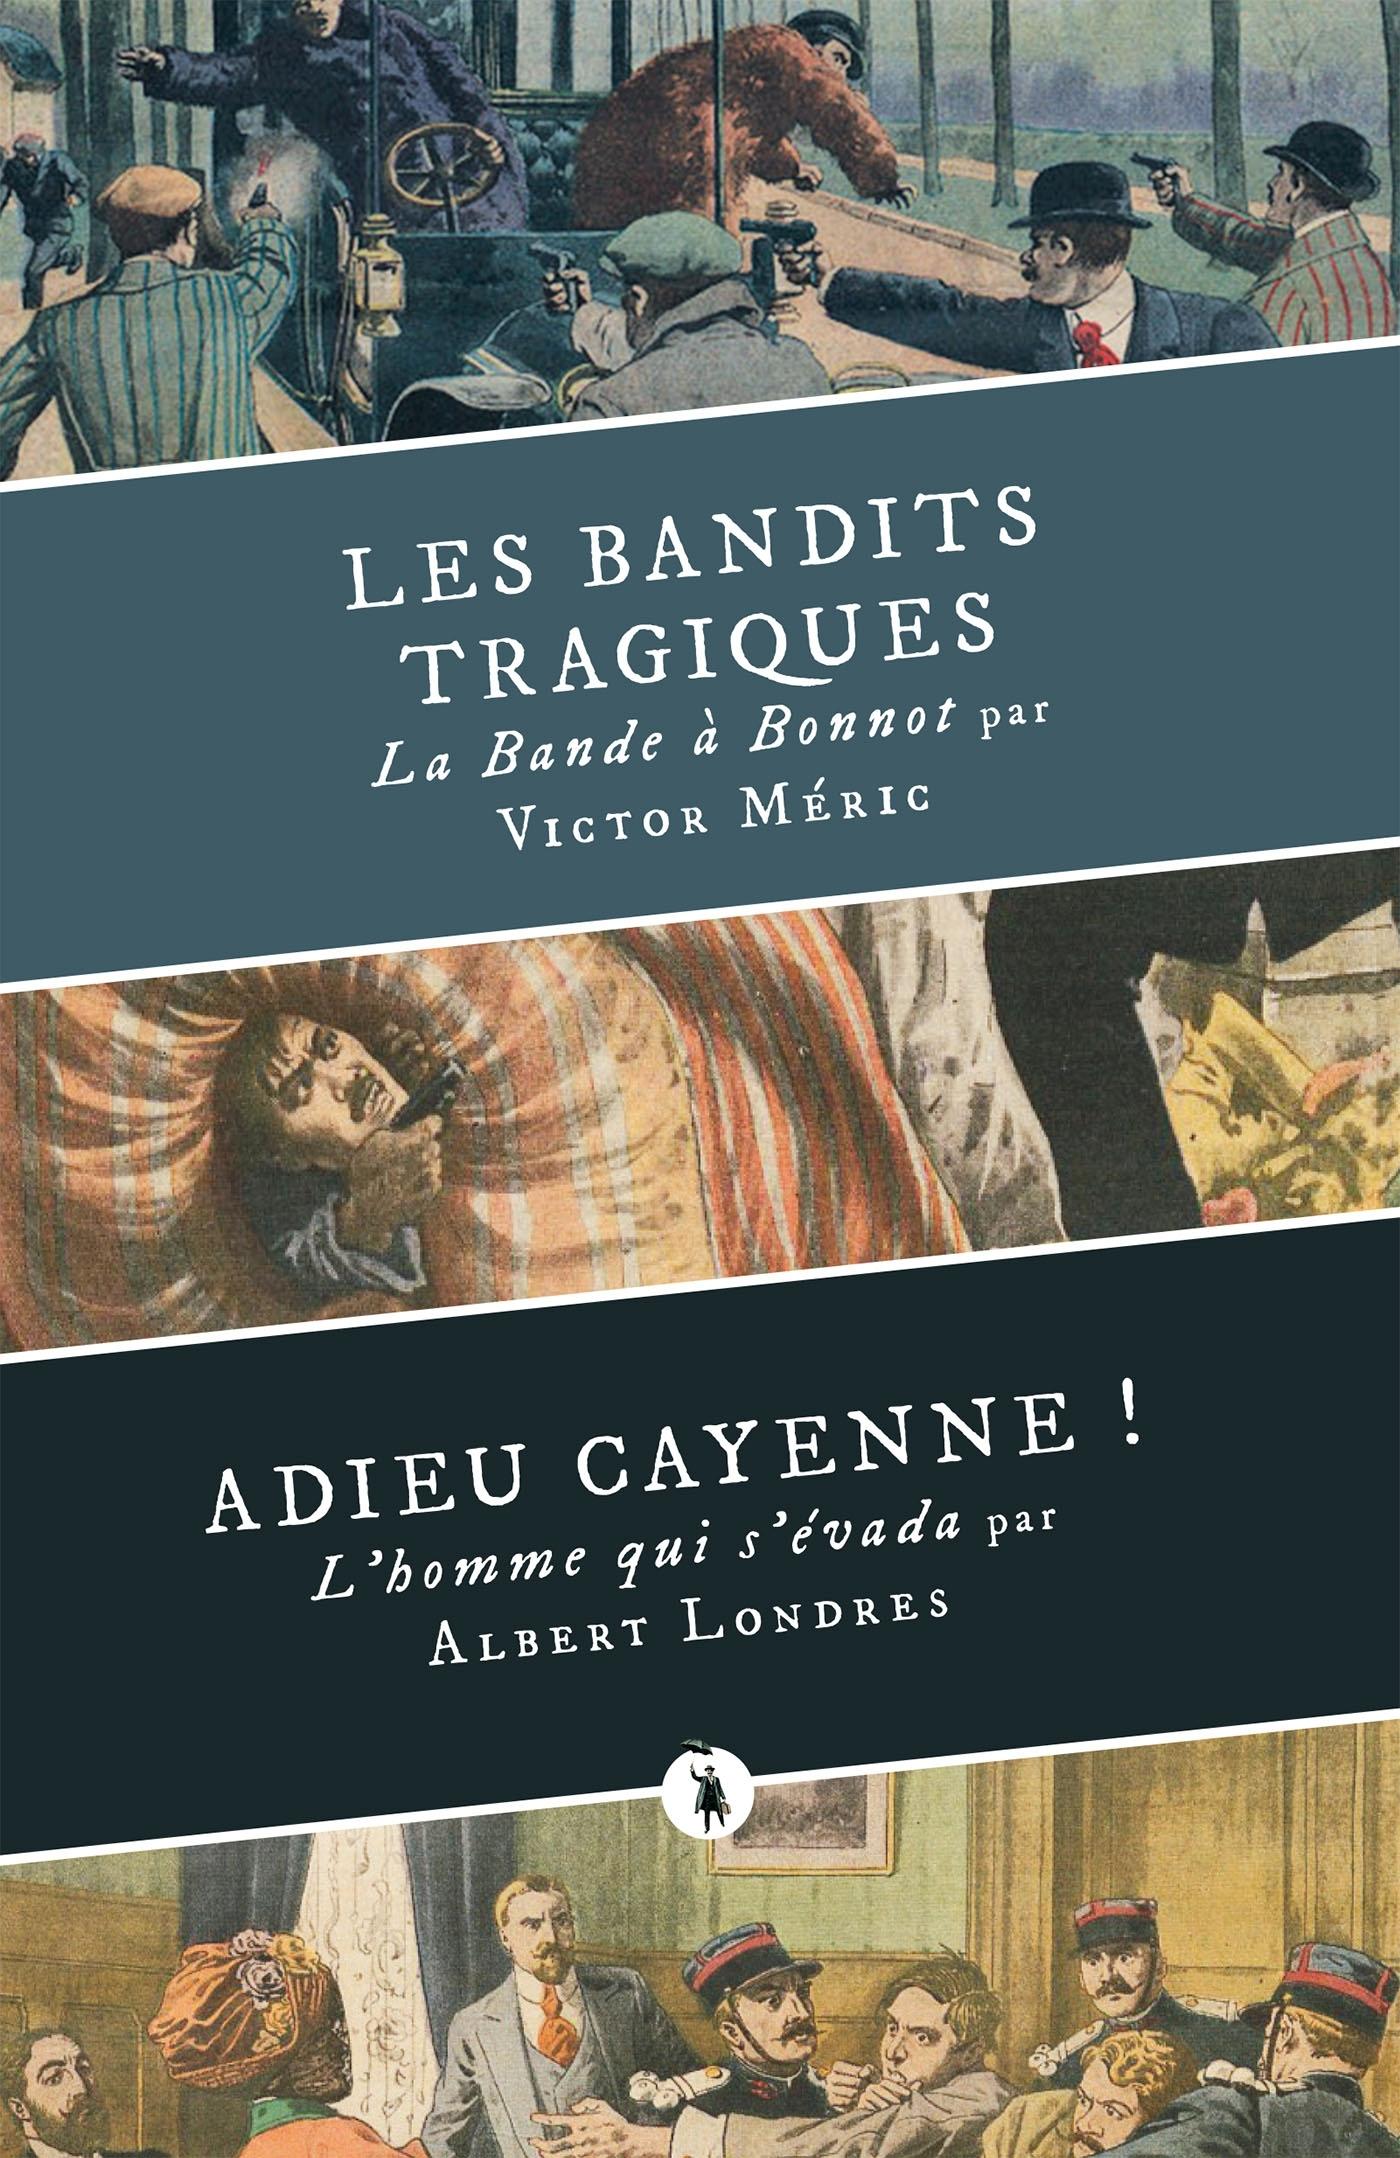 LES BANDITS TRAGIQUES, SUIVI DE ADIEU CAYENNE !